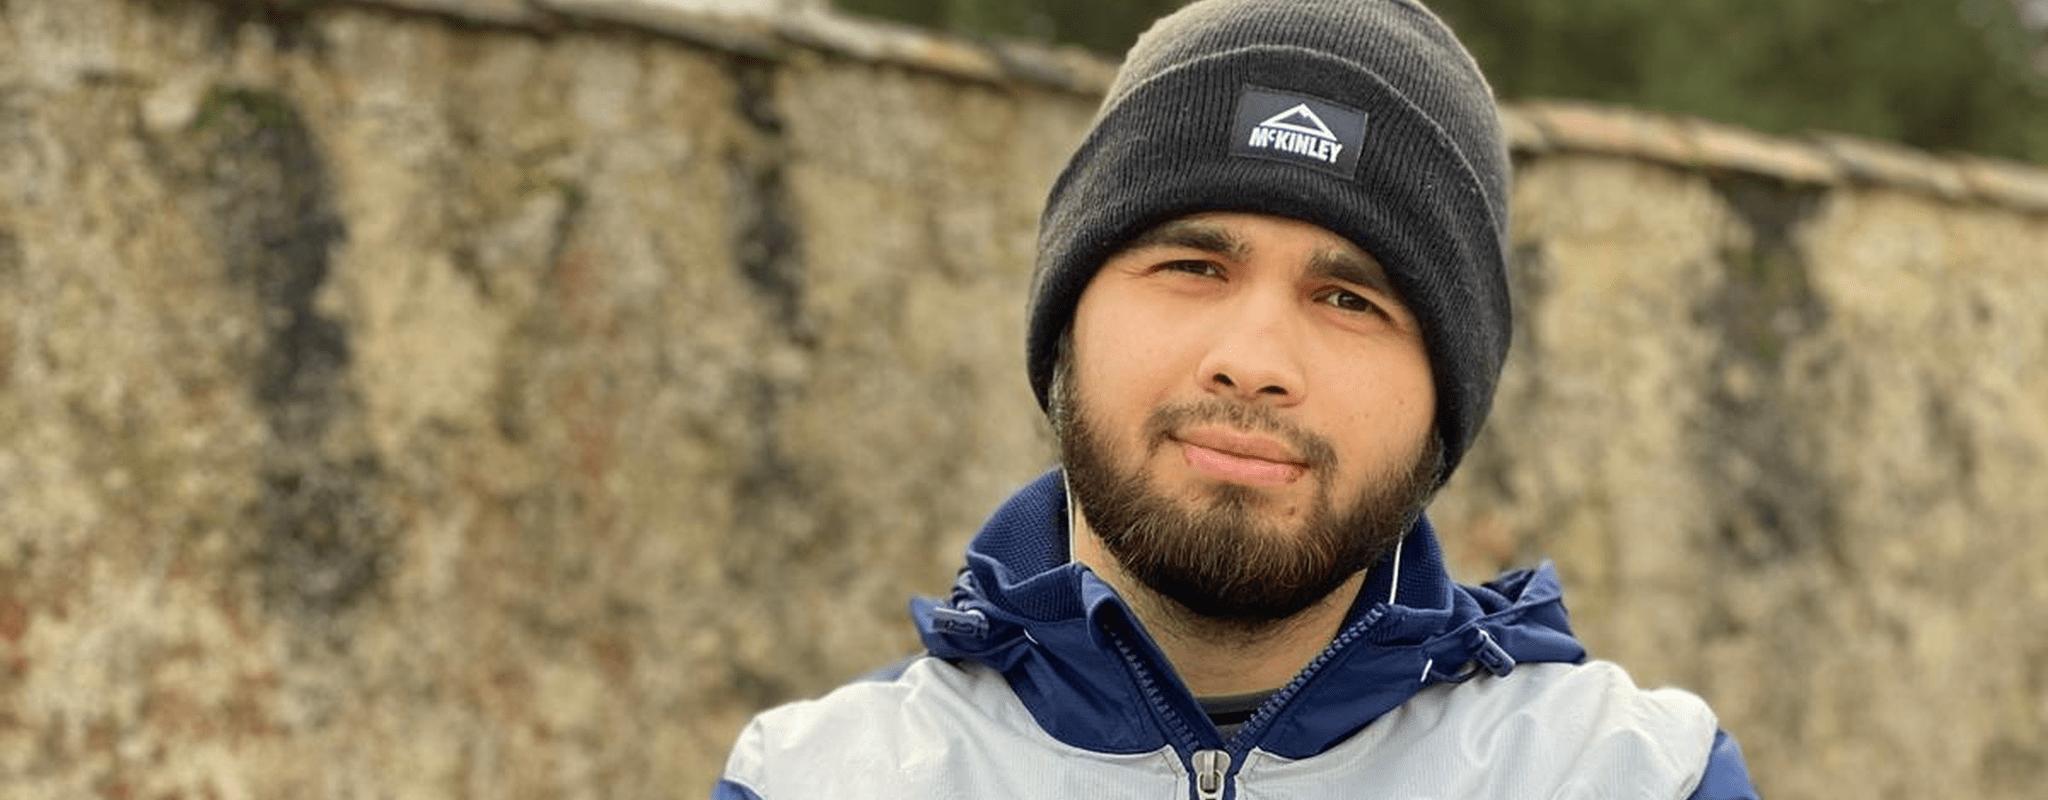 La Cour européenne des droits de l'Homme empêche in extremis l'expulsion d'un Tchétchène strasbourgeois